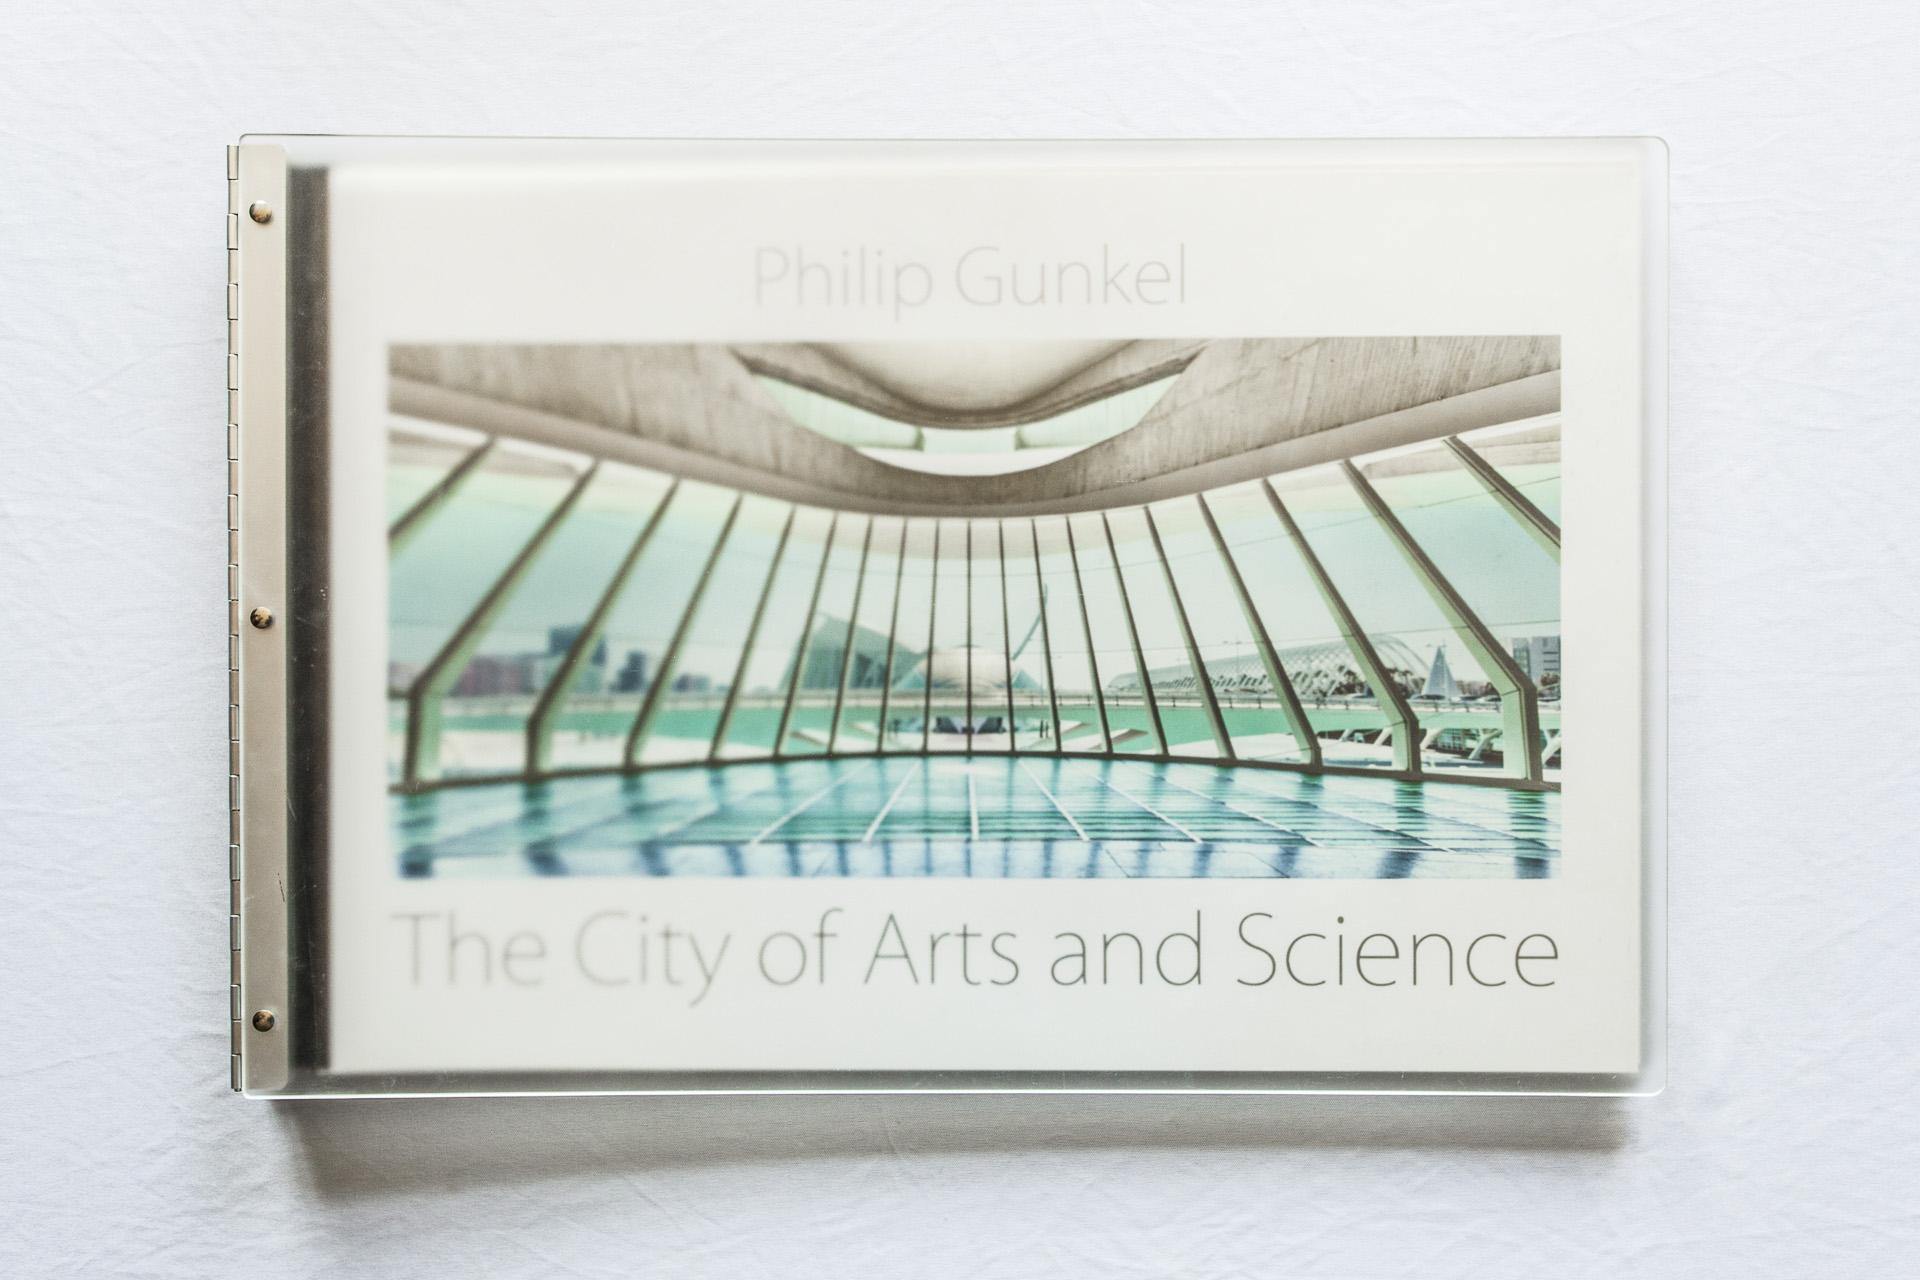 showroom projekte - Philip Gunkel01